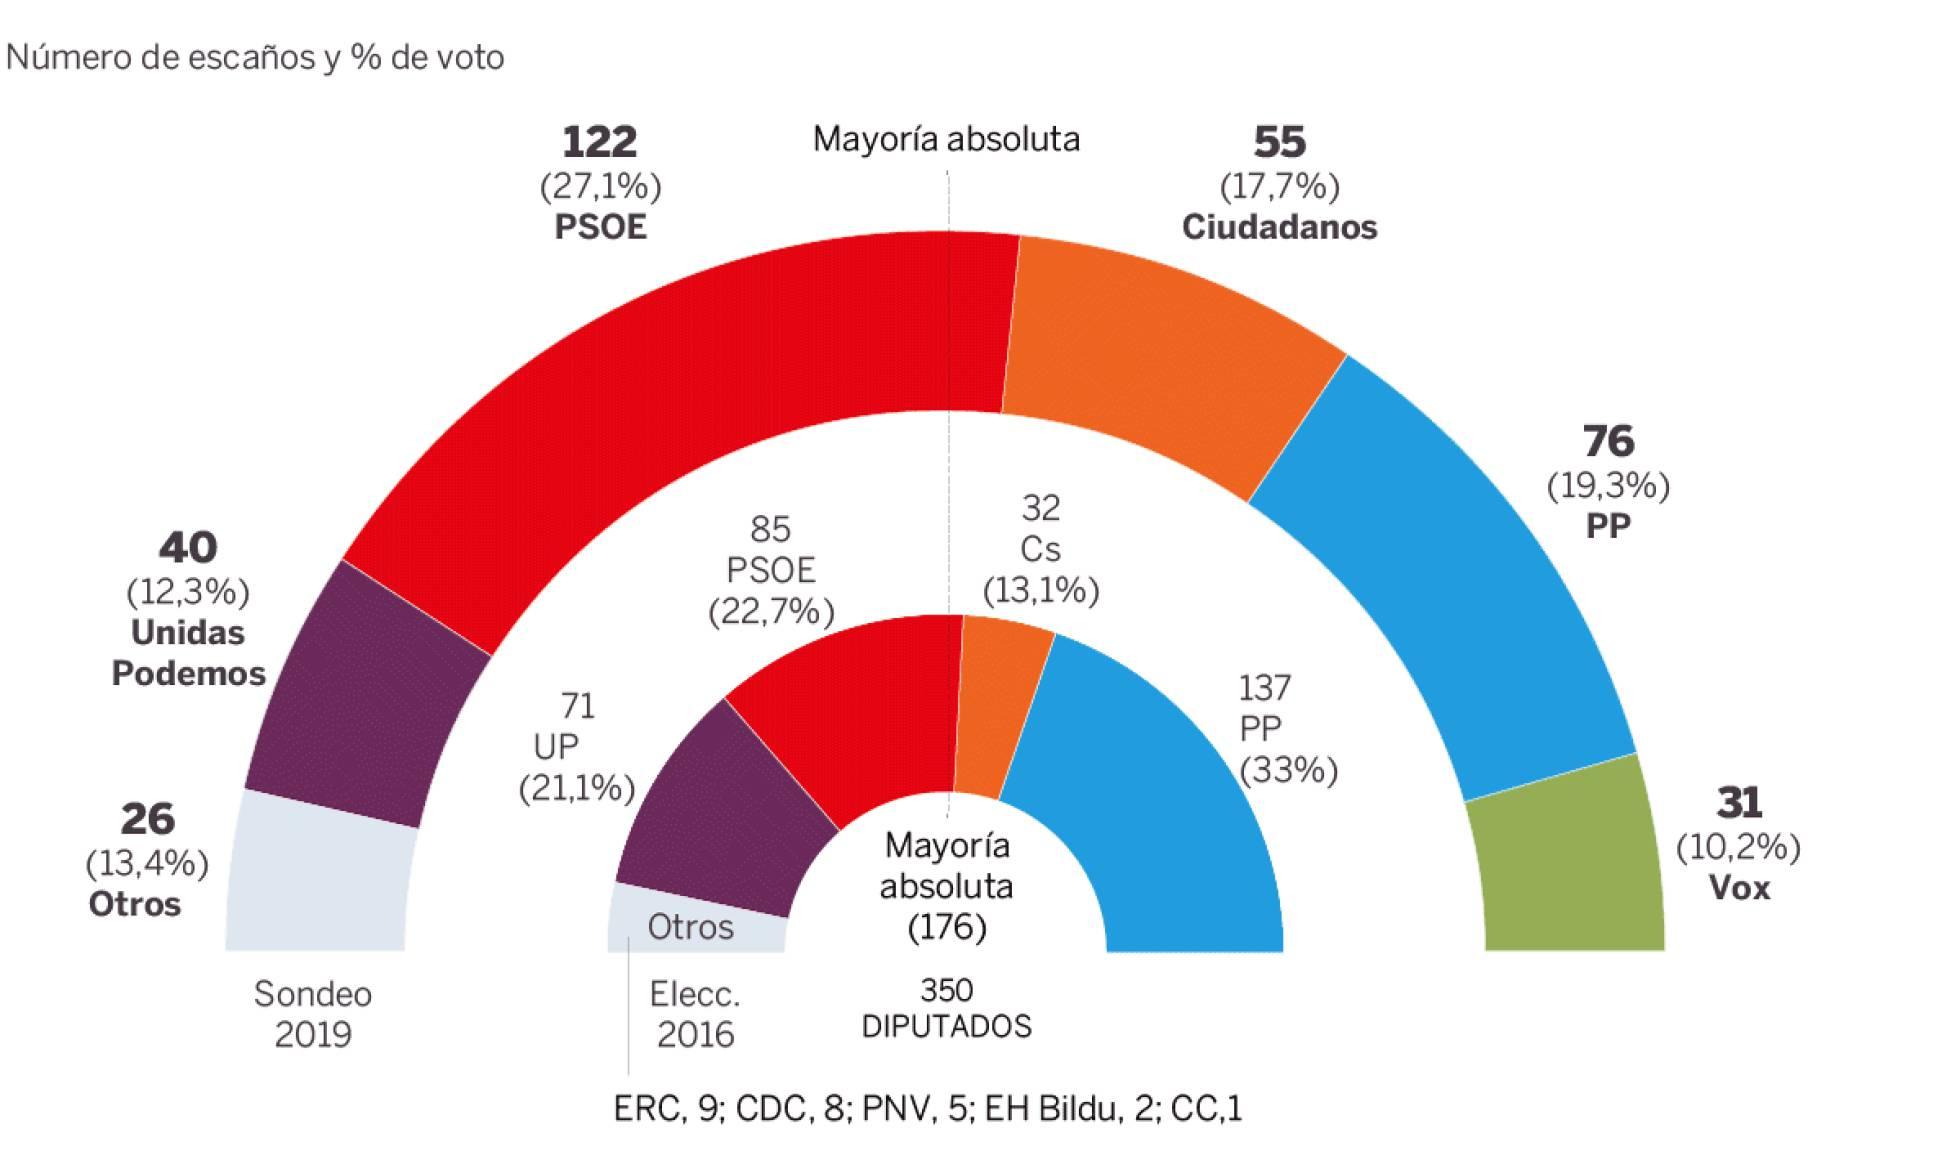 El PSOE ganaría las elecciones sin mayoría absoluta en España, según El País